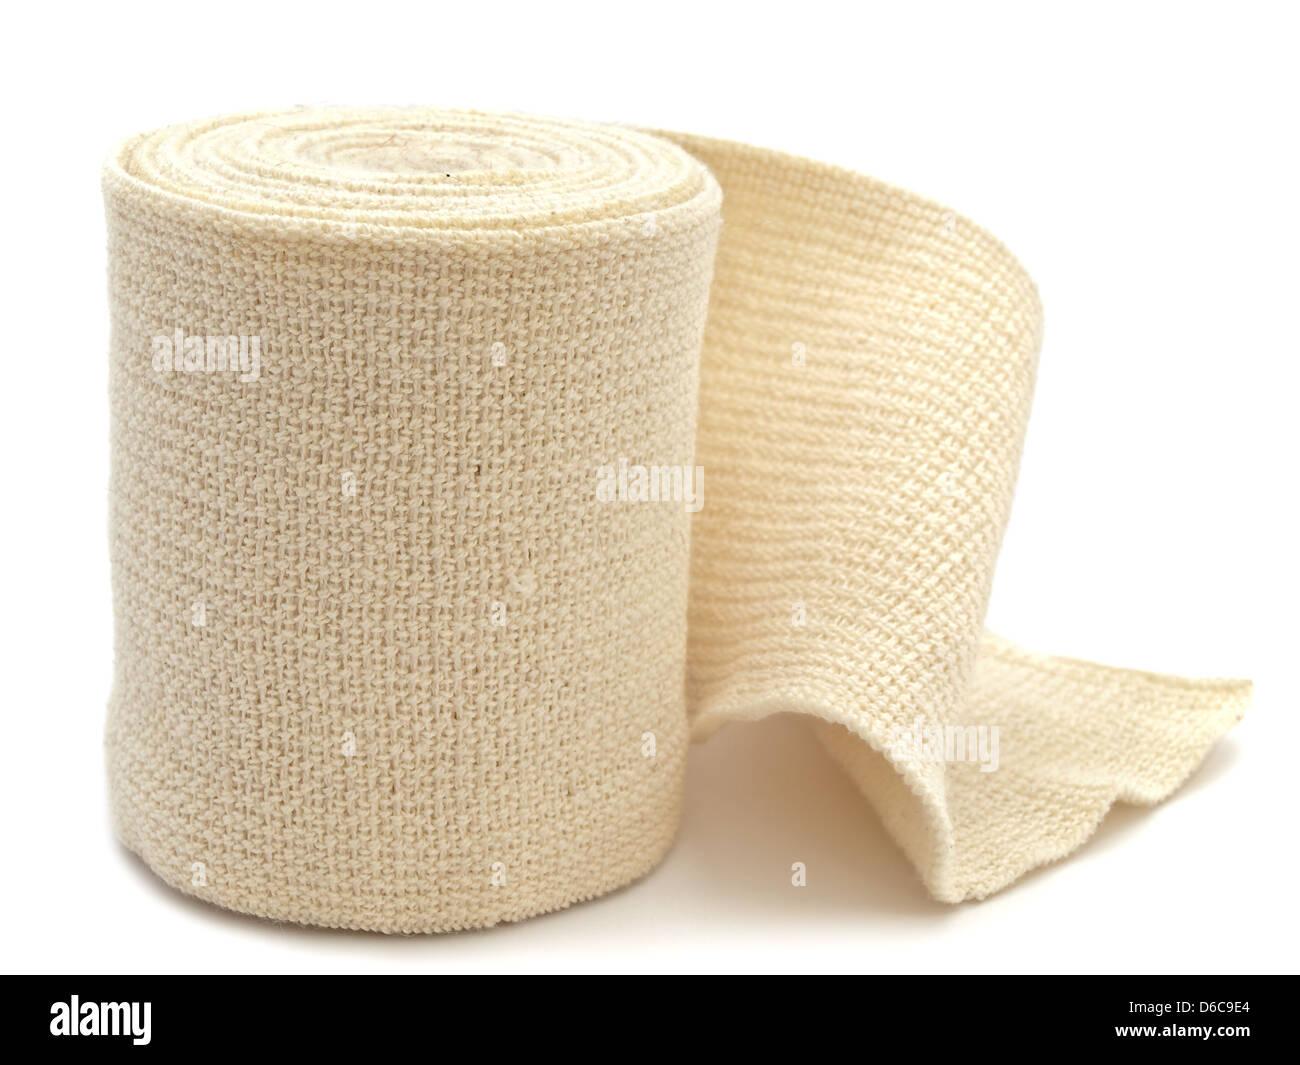 elastic bandage - Stock Image